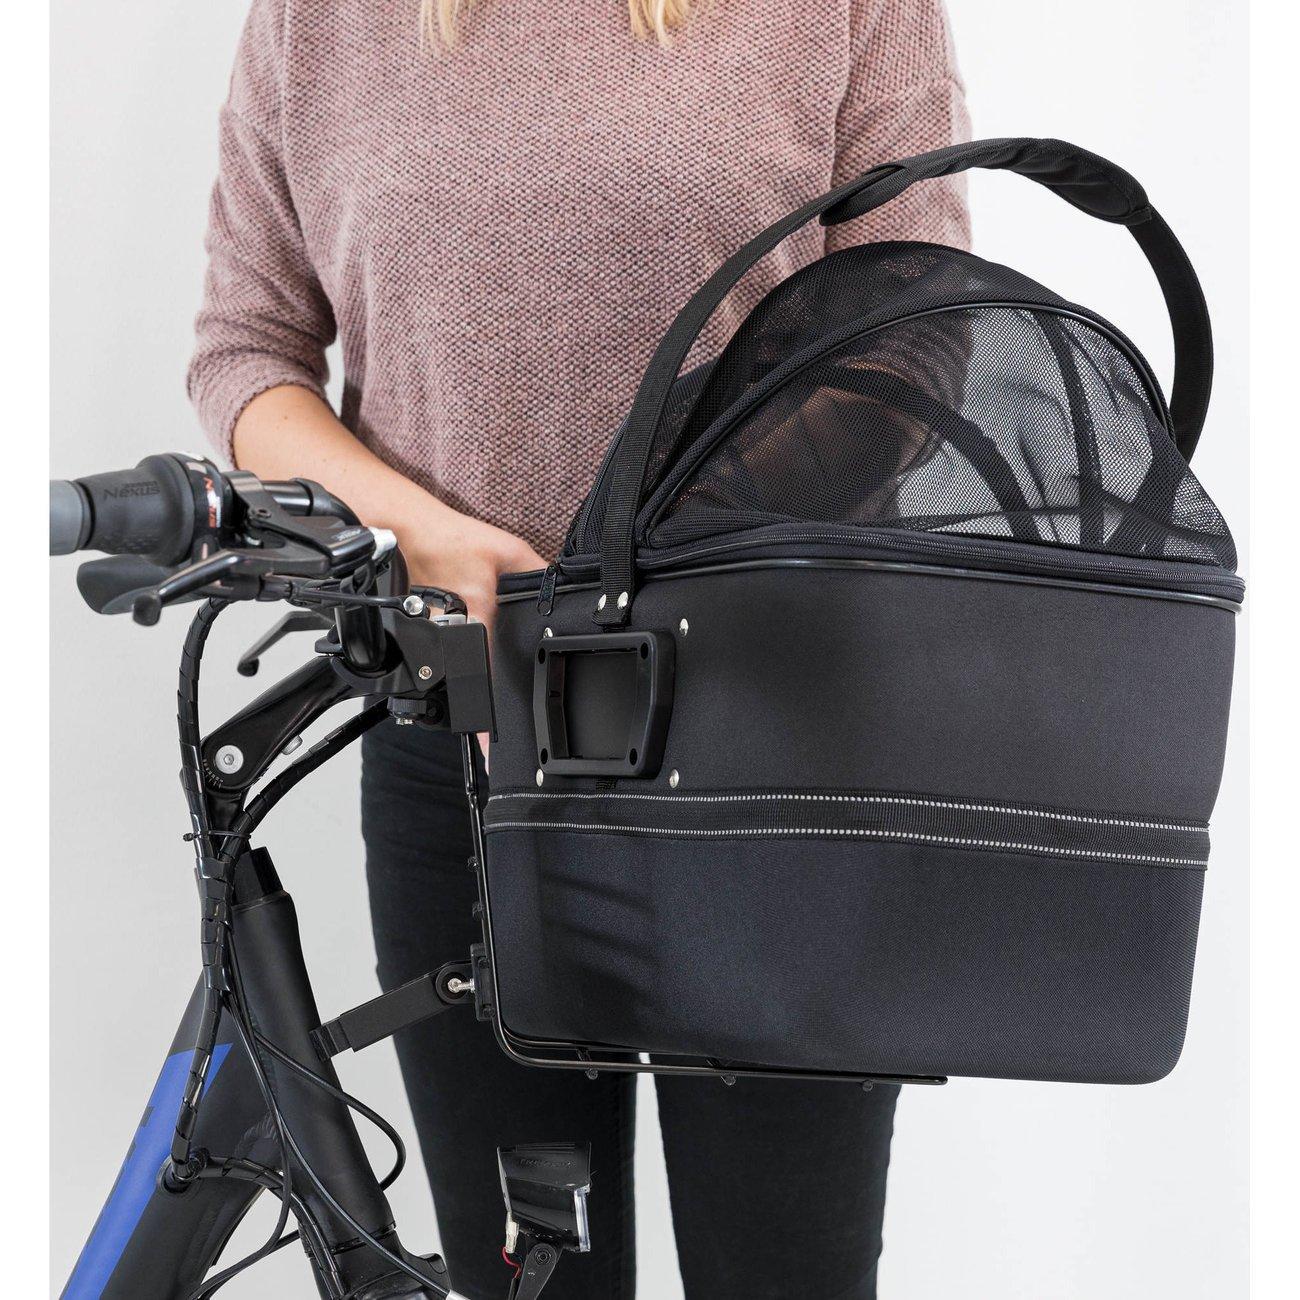 TRIXIE Lenker Front-Fahrradkorb für Hunde 13108, Bild 33